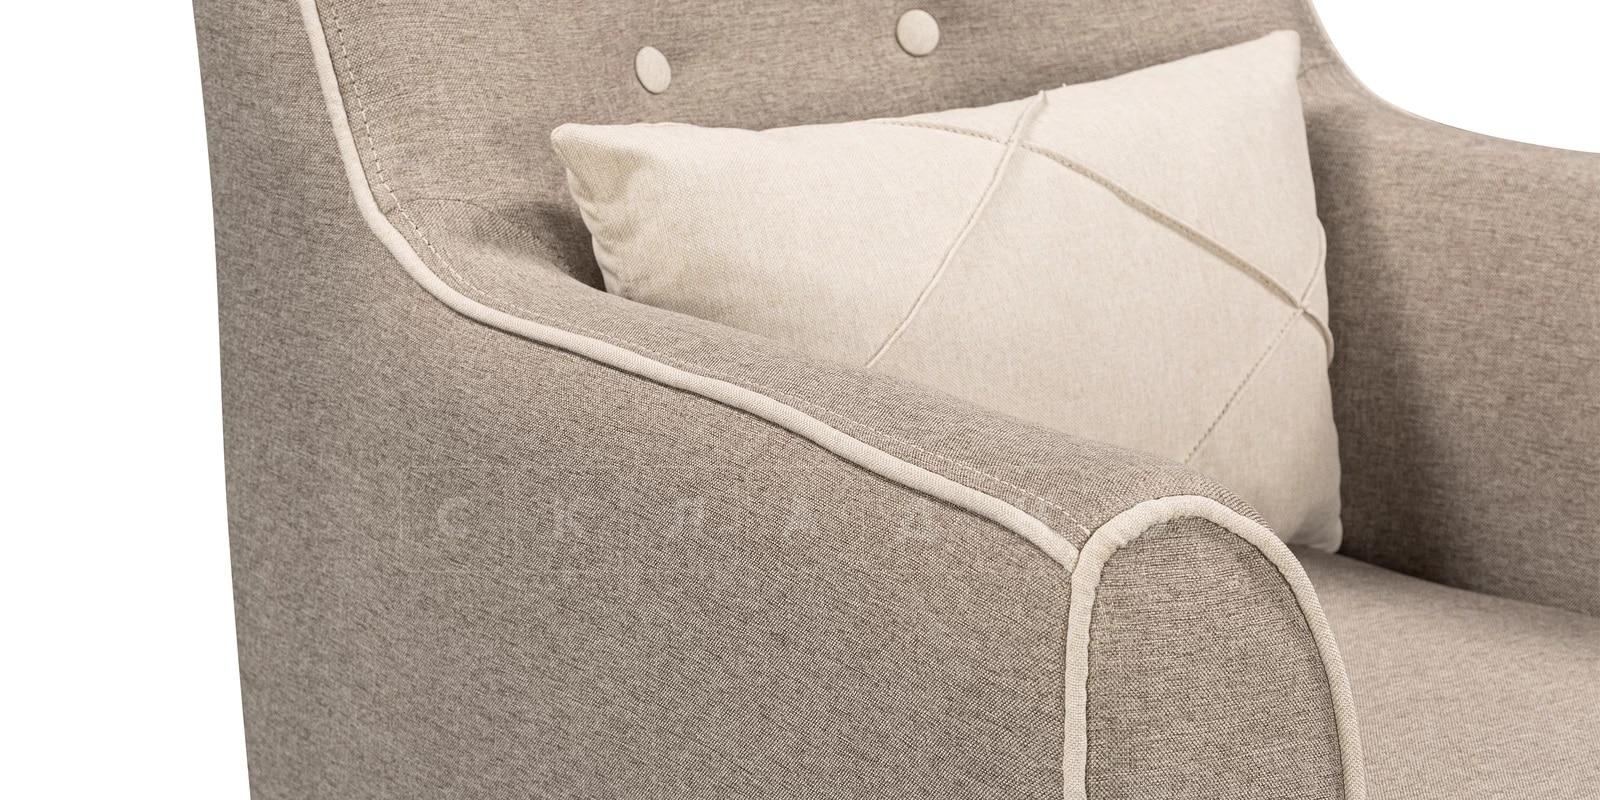 Кресло Флэтфорд рогожка серая фото 5 | интернет-магазин Складно